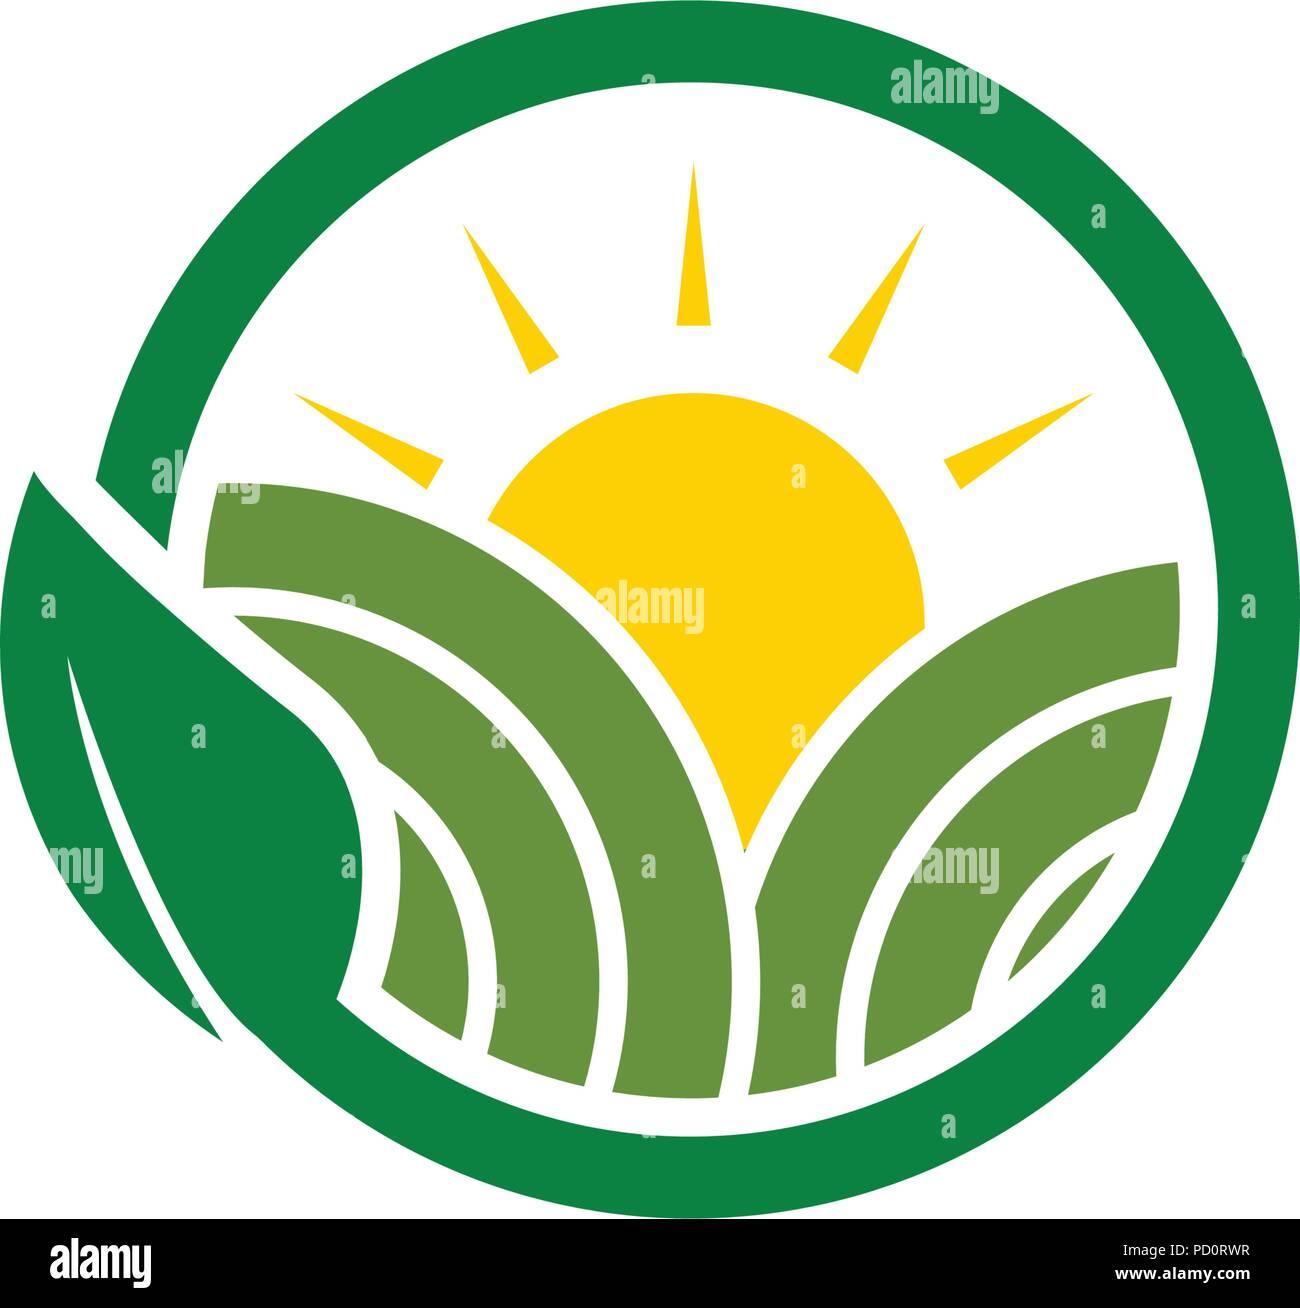 Sauber Agrar Landwirtschaft Logo Design Konzept Vorlage